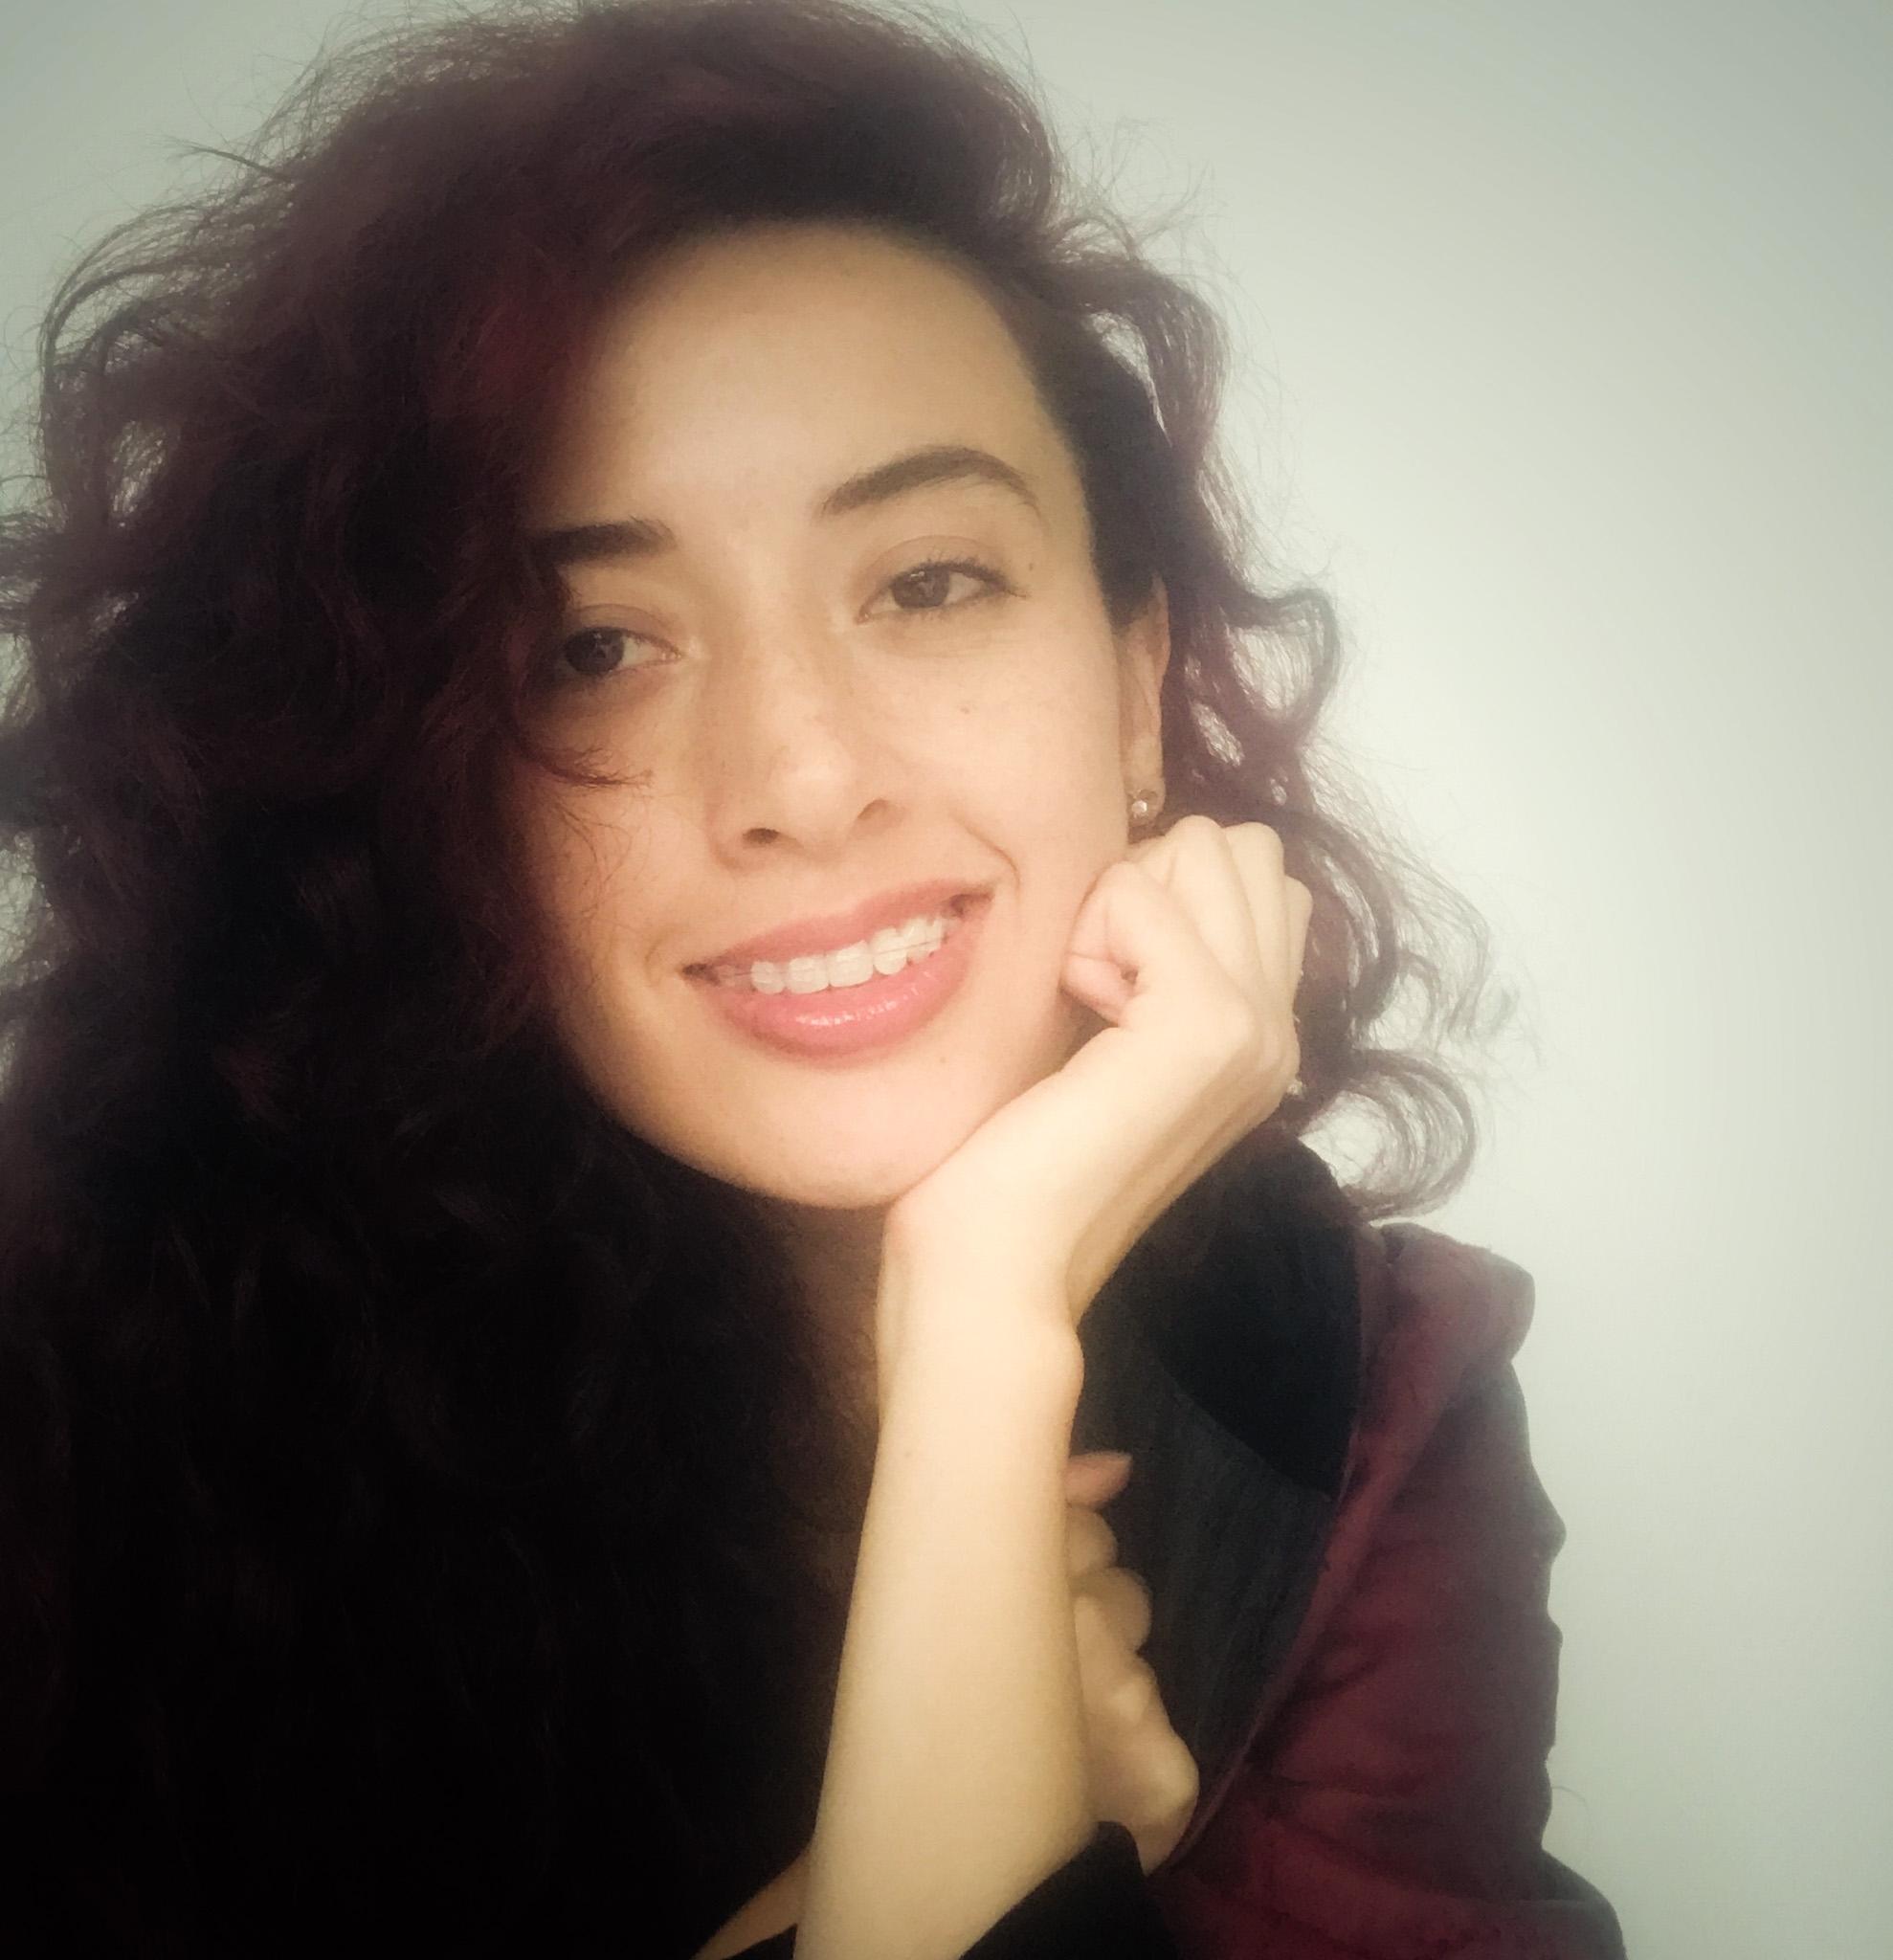 Claudia Osejo - Claudia Osejo